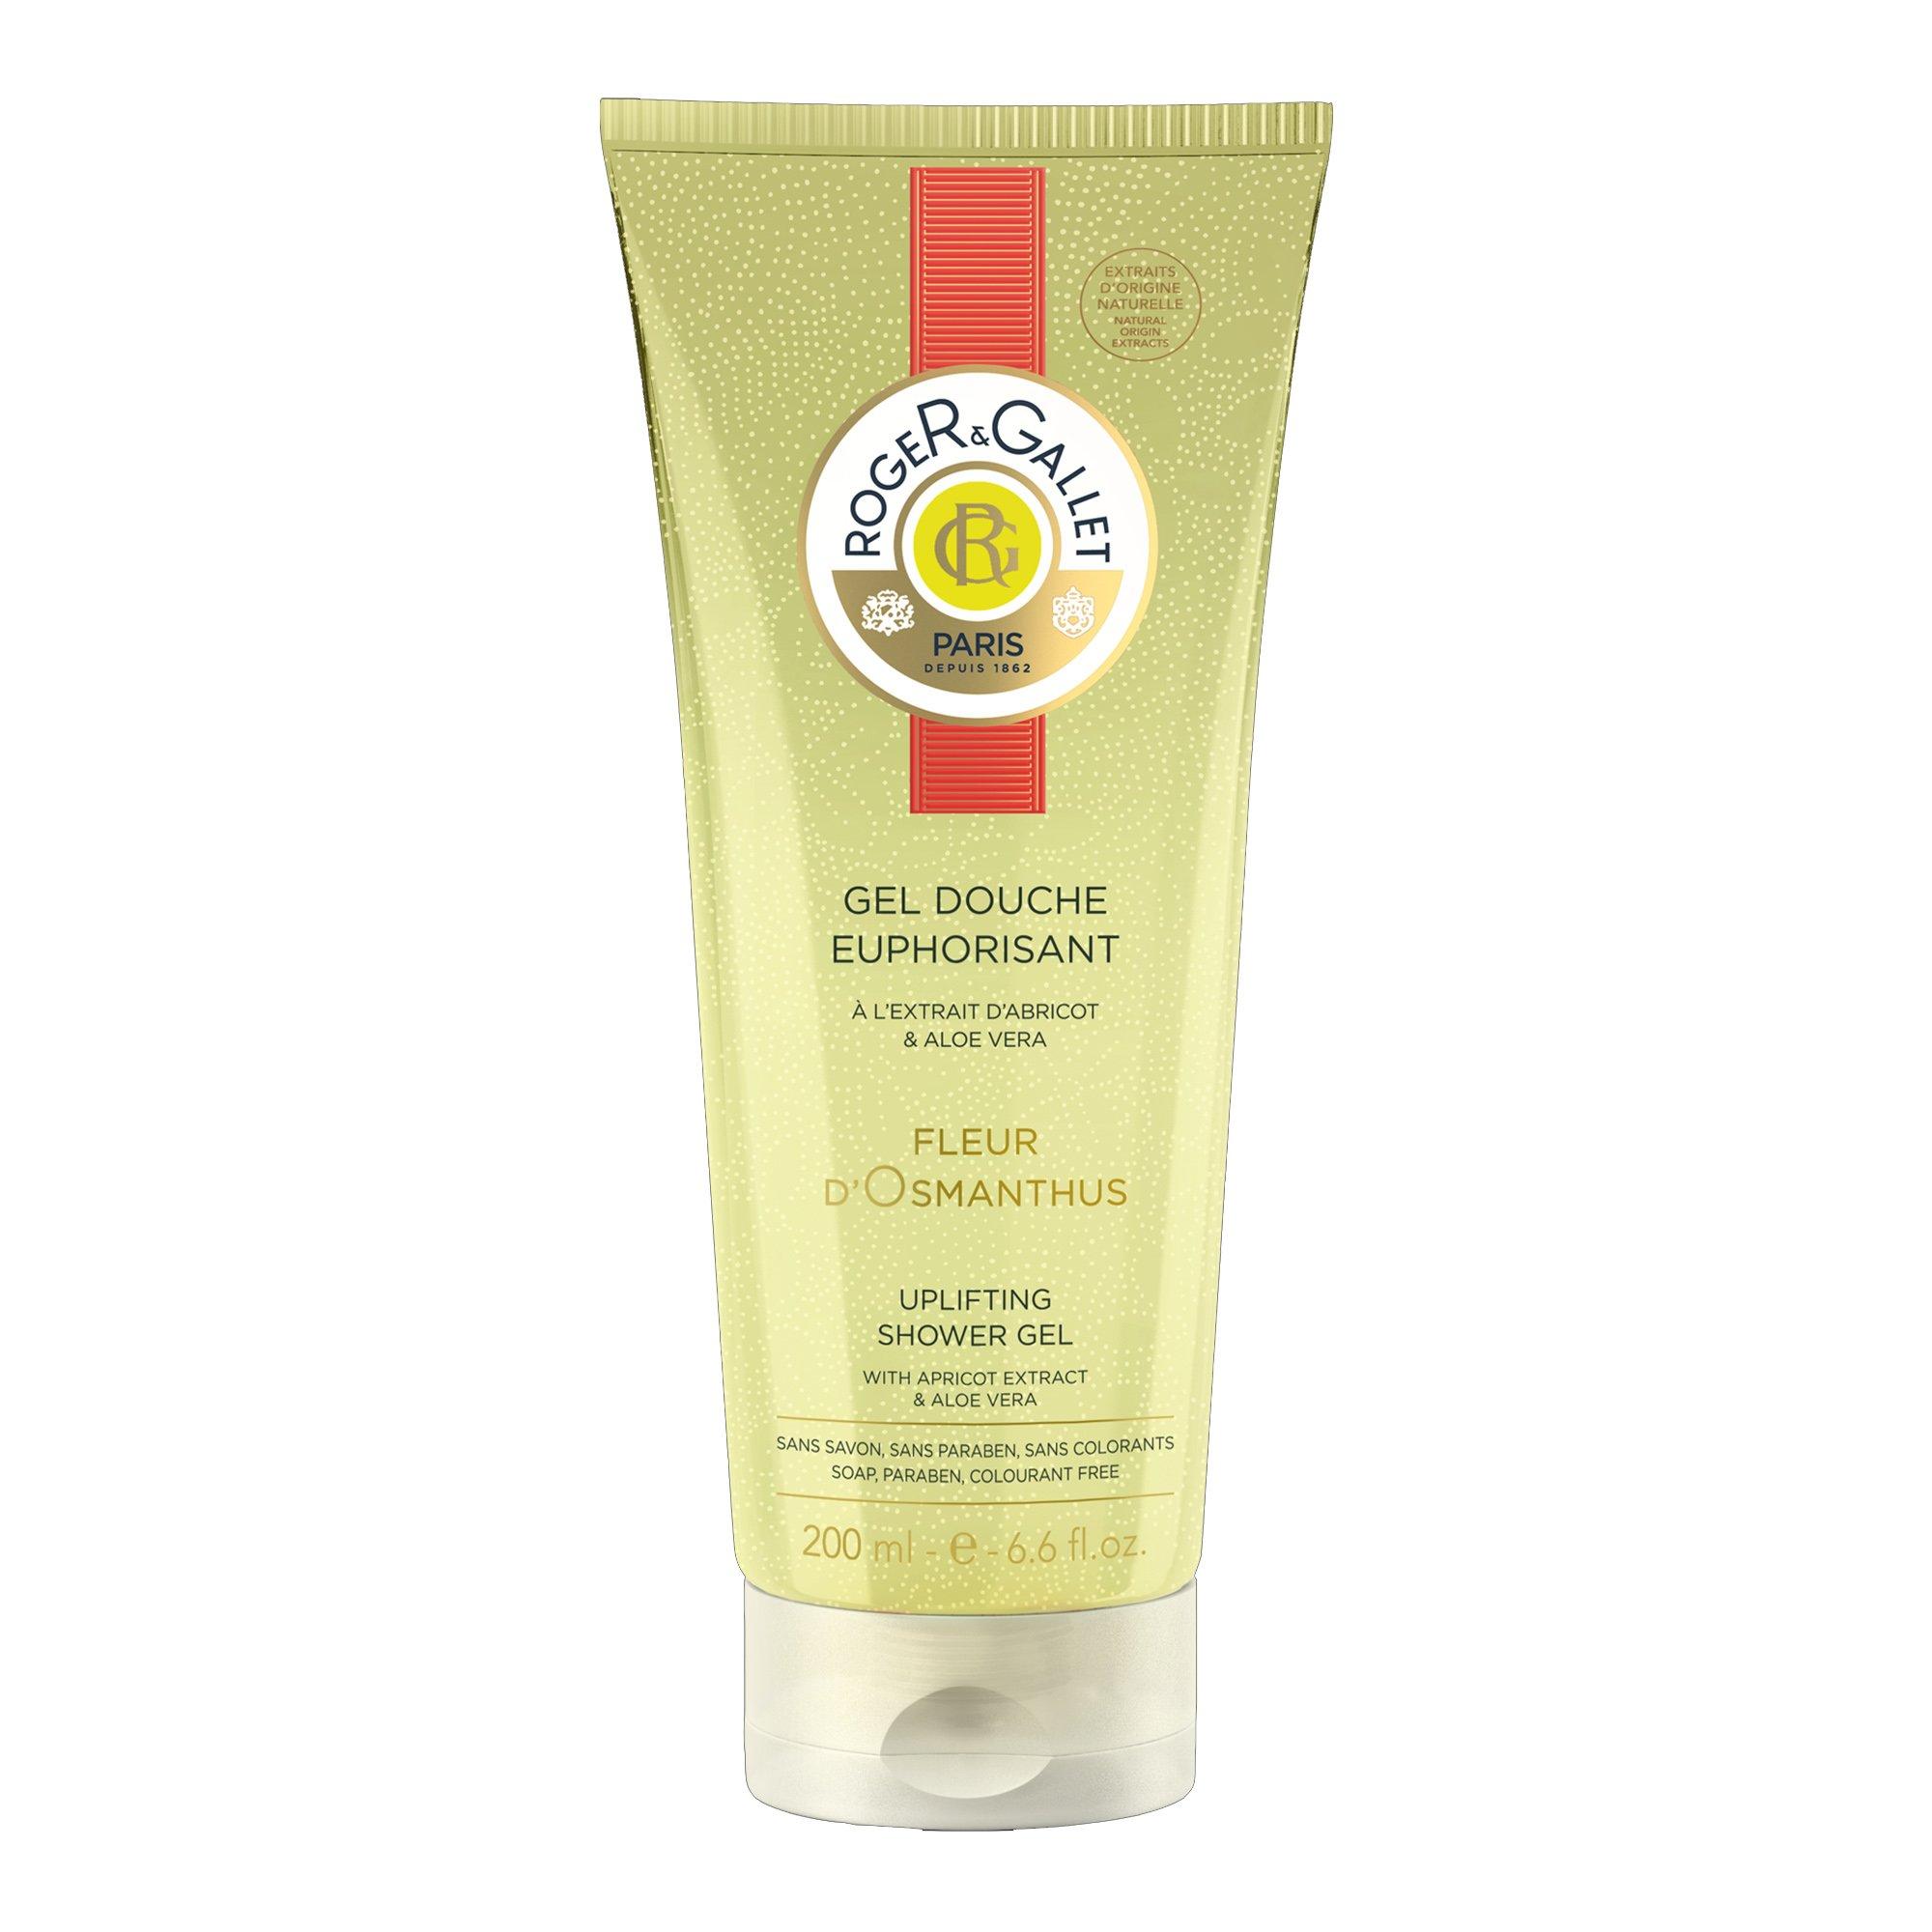 Roger & Gallet Fleur d'Osmanthus Uplifting Shower Gel Αναζωογονητικό Αφρόλουτρο Σώματος με Aloe Vera & Άρωμα Όσμανθου 200ml